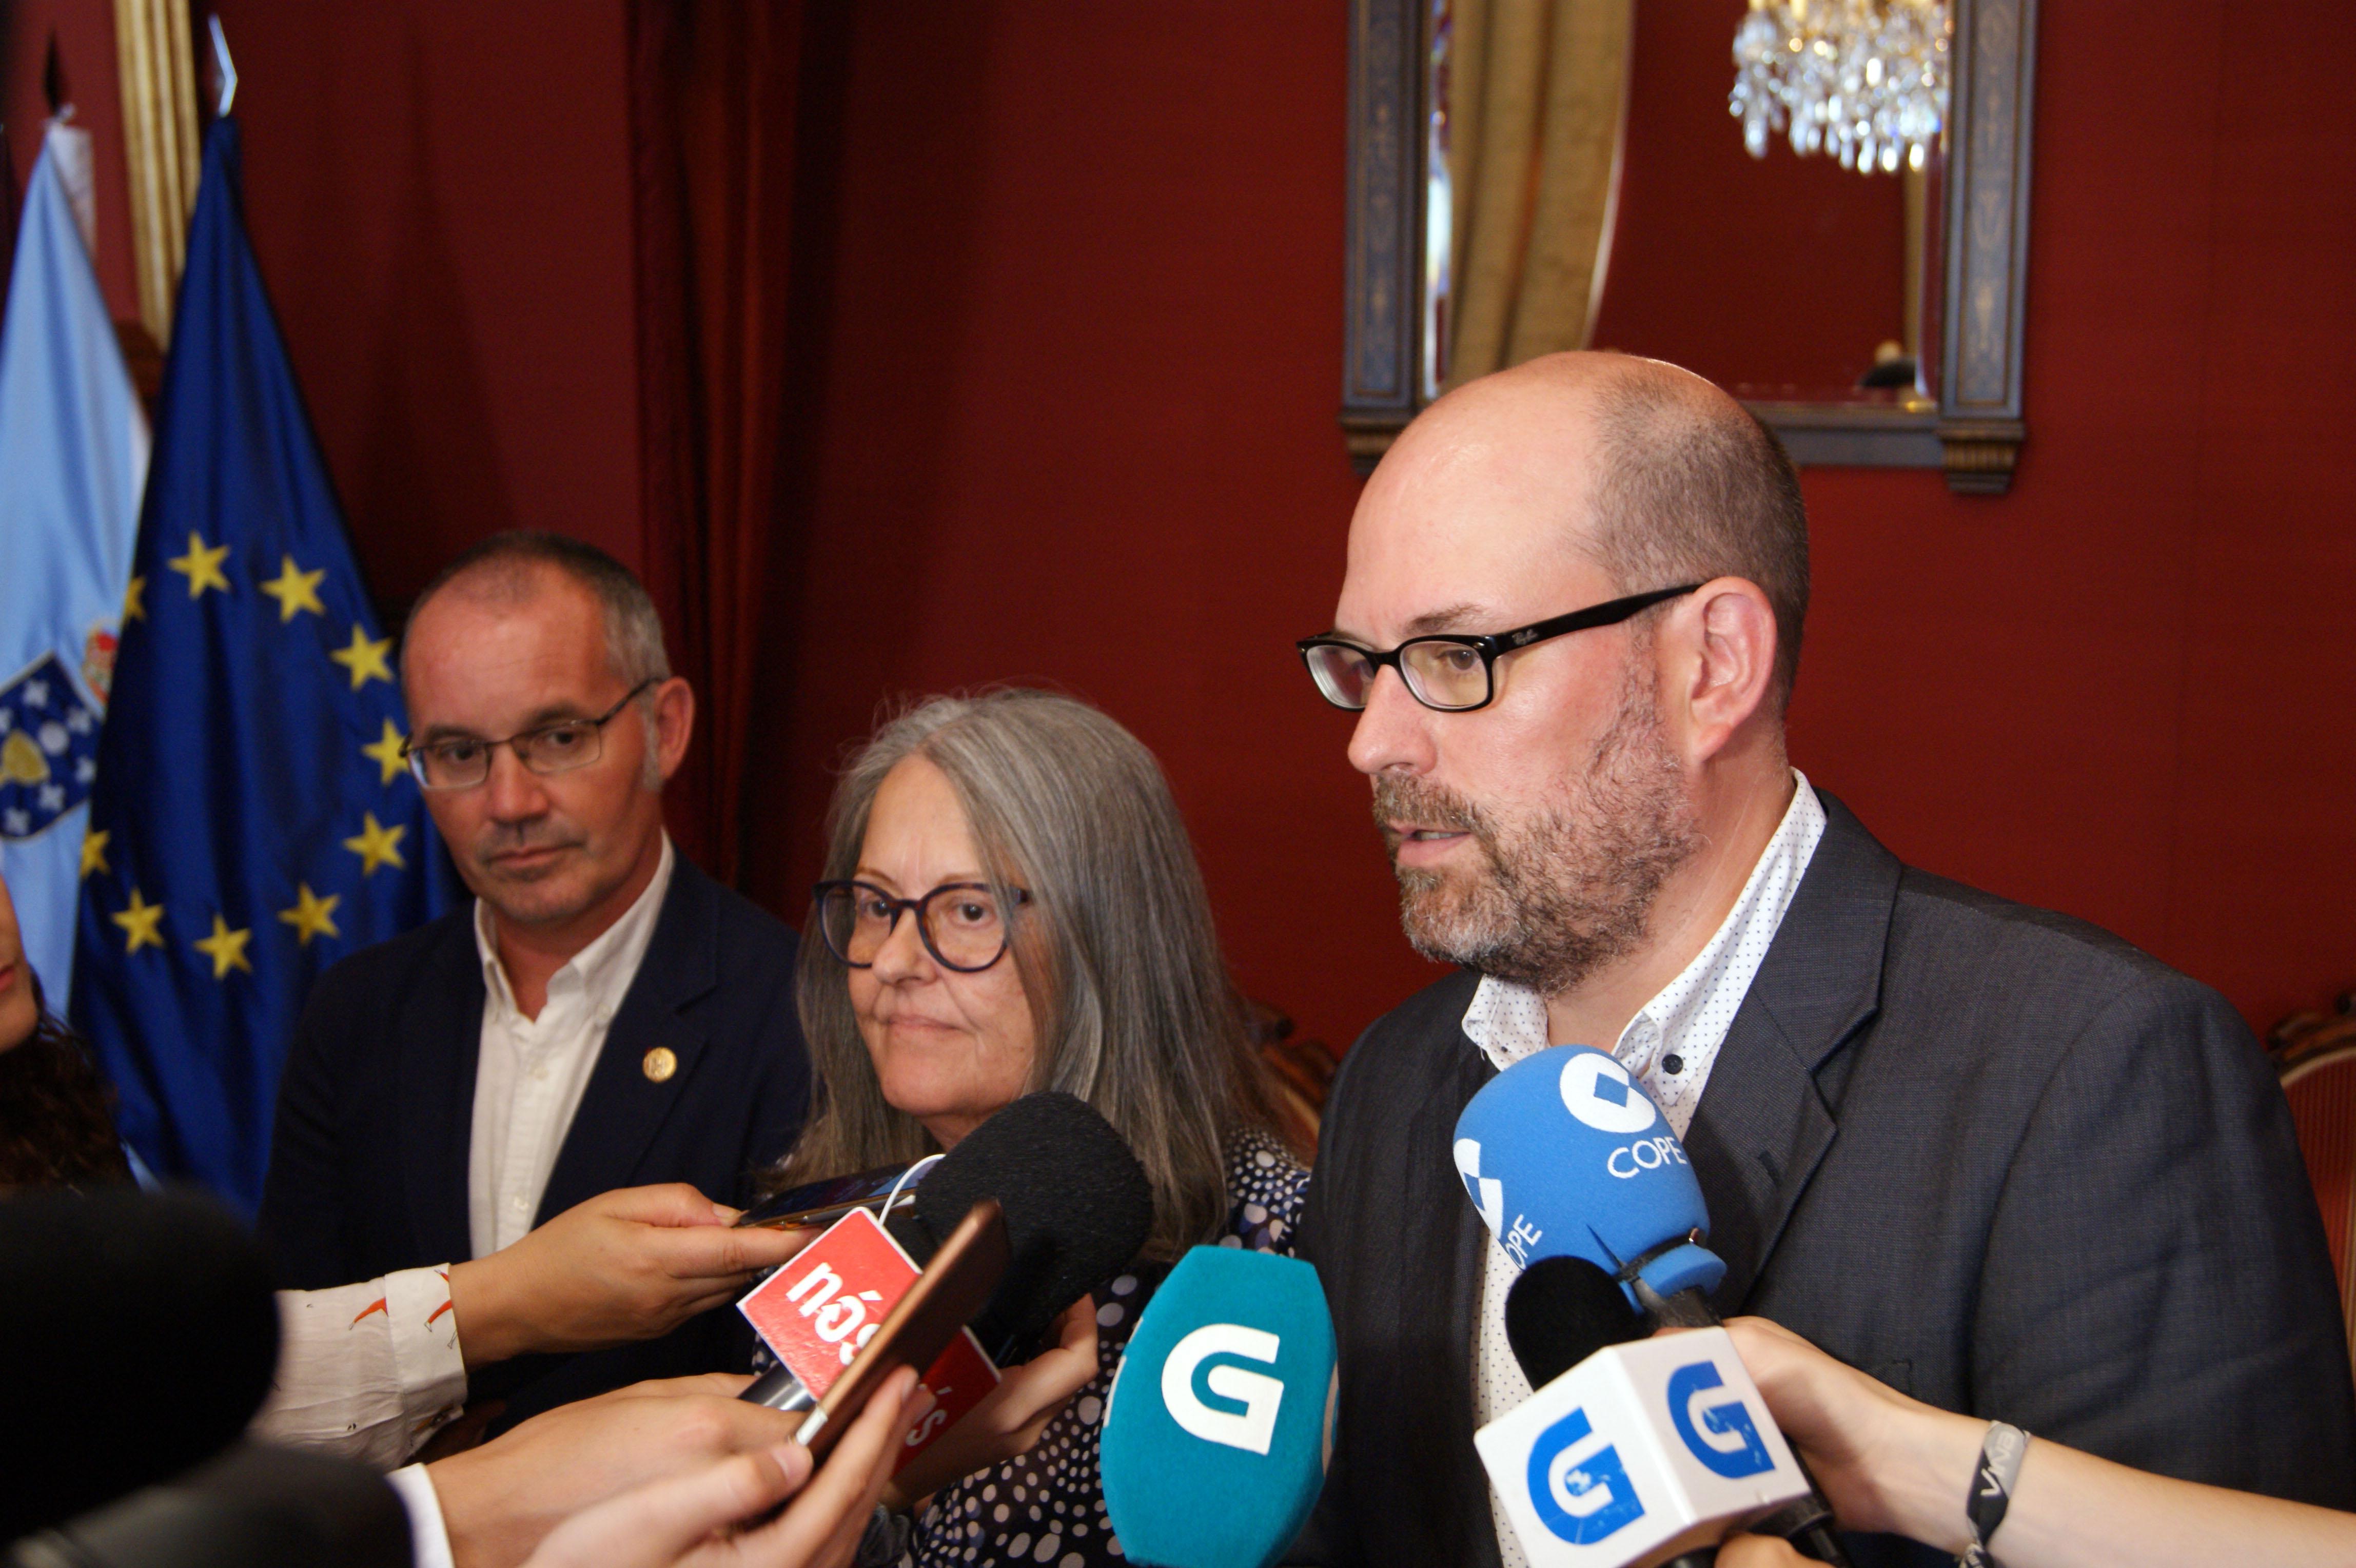 Xan Duro, Pilar López-Riobóo e Martiño Noriega atendendo os medios de comunicación no salón vermello.